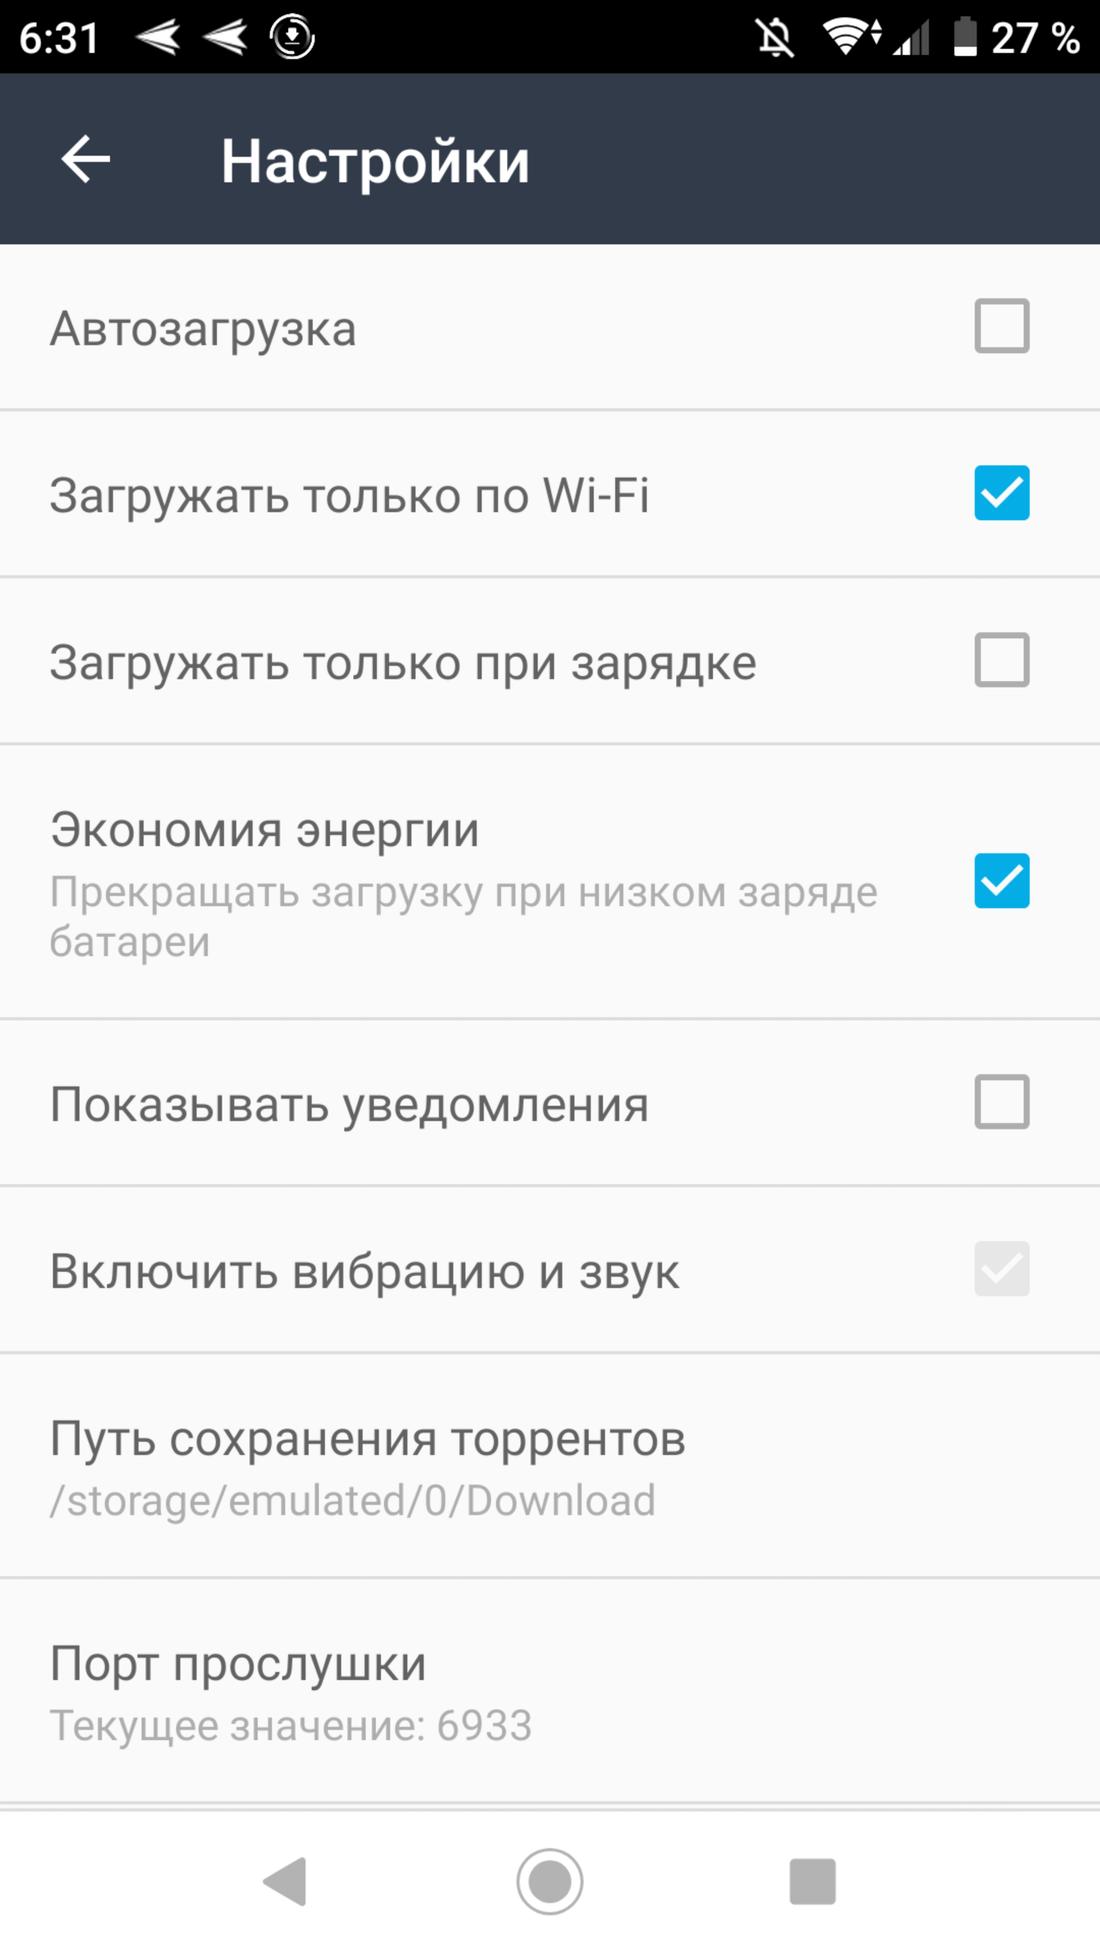 Скриншот #5 из программы MediaGet - torrent client